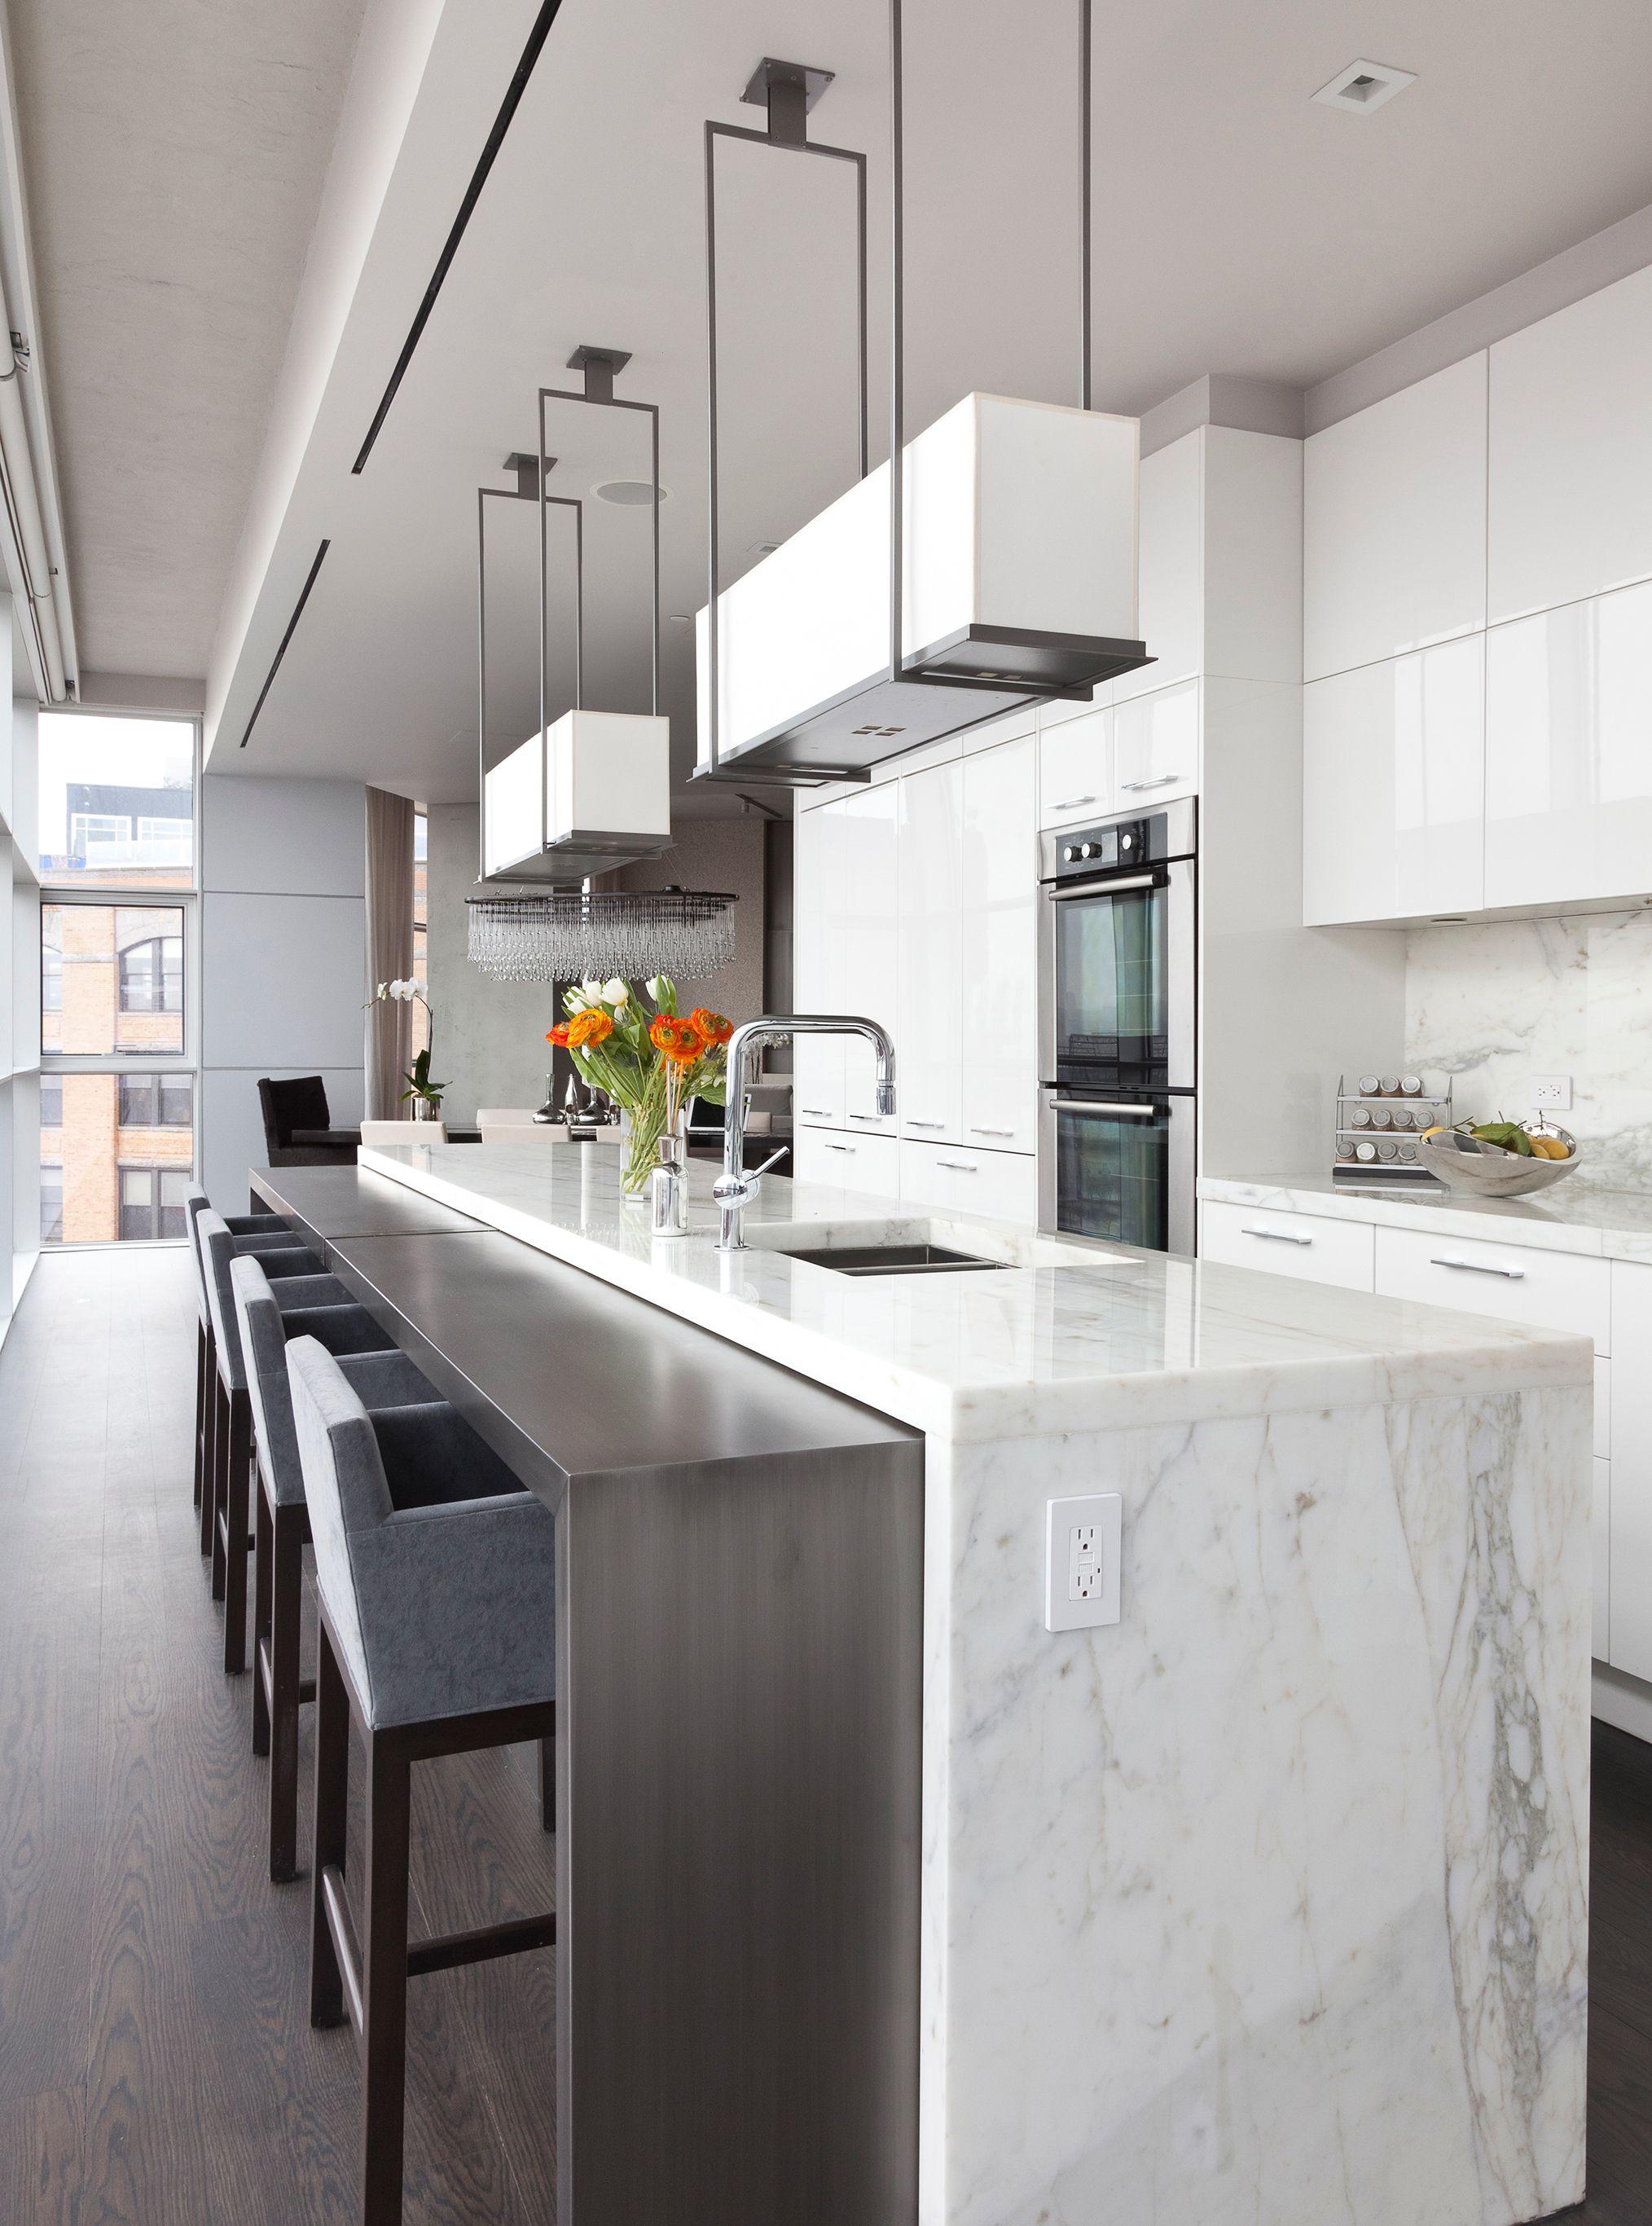 Schön Küche Und Bad Design New York City Ideen - Küchen Design Ideen ...